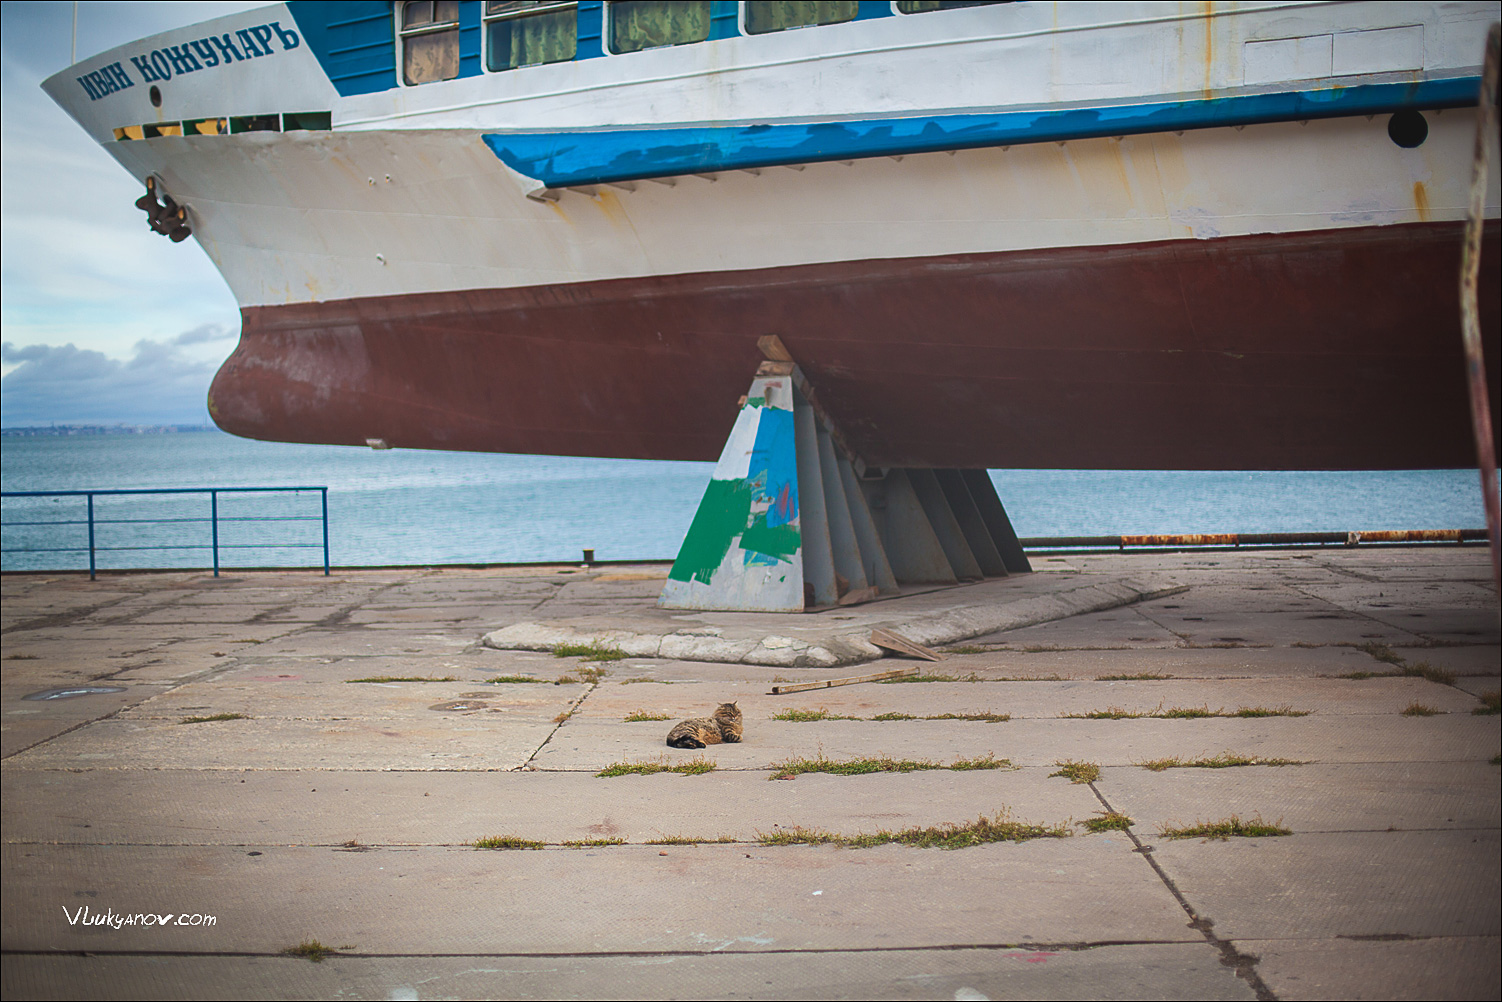 Фотограф, Москва, Владимир Лукьянов, Крым, Феодосия